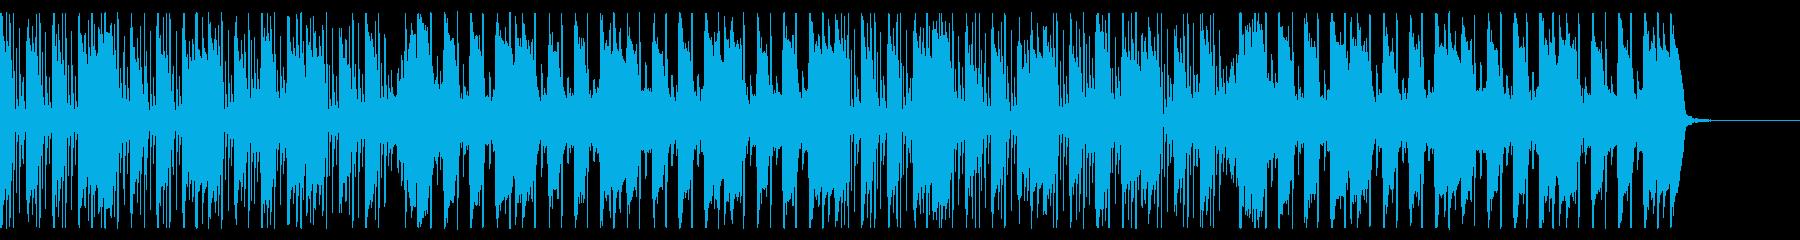 夏 キモ可愛いレゲエ 熱中症  の再生済みの波形